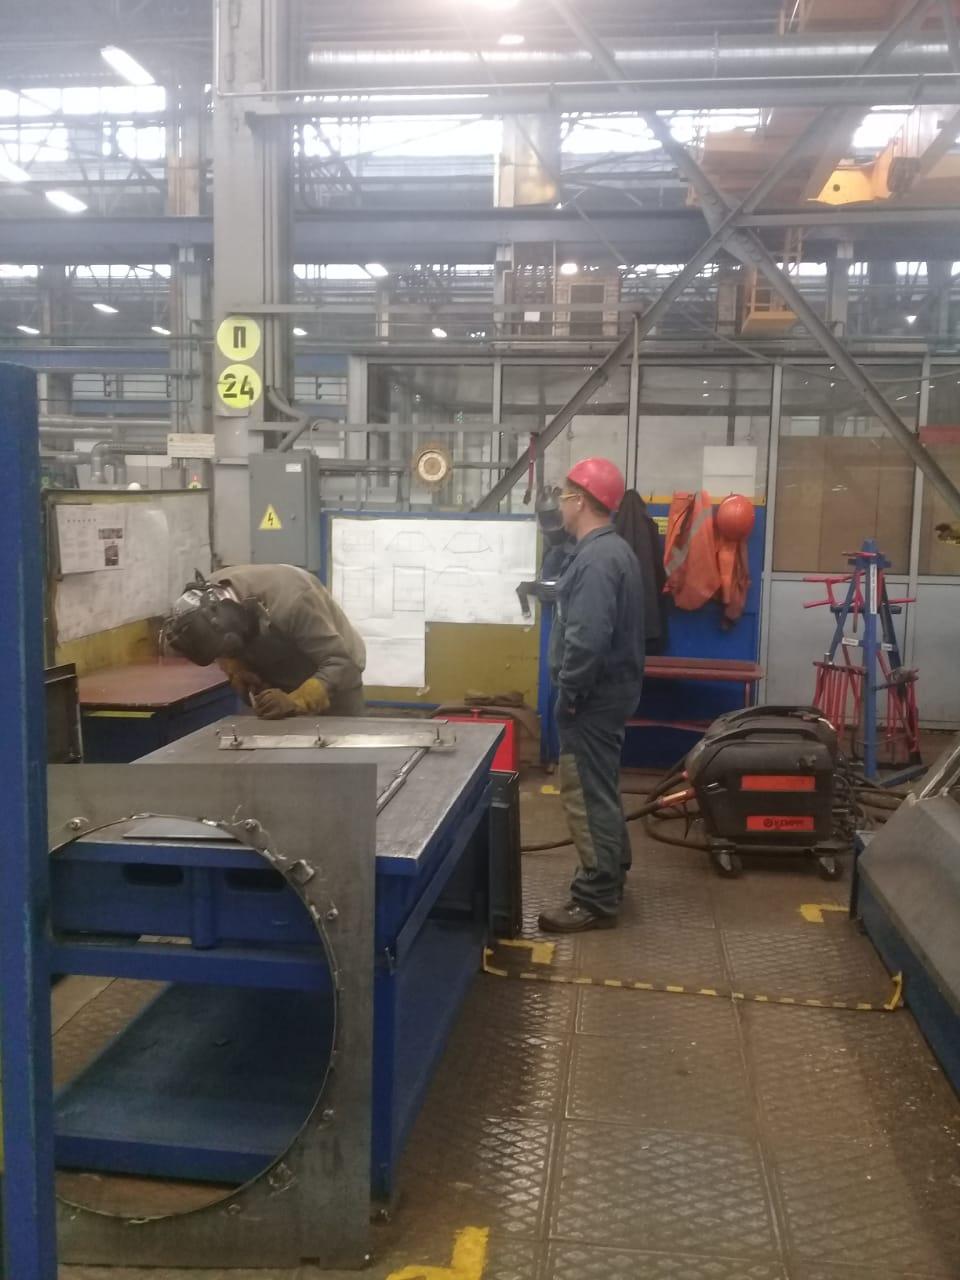 جولة لليوم السابع بمصنع جرارات السكة الحديد الروسى (18)